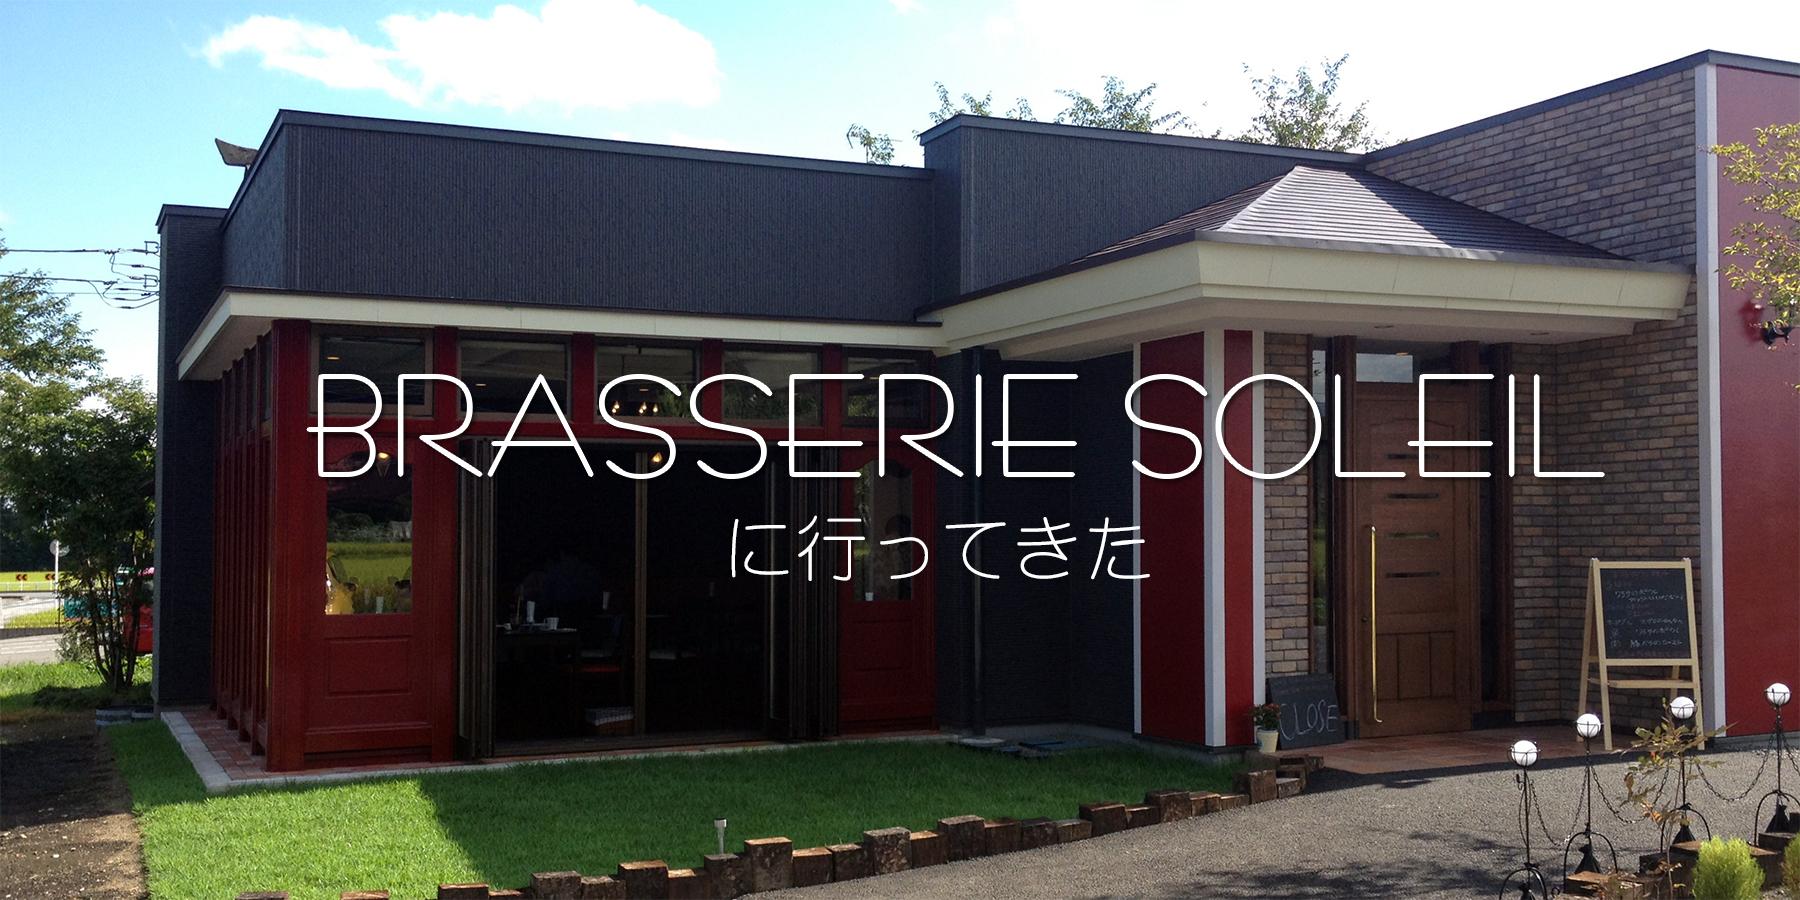 BRASSERIE-SOLEIL01